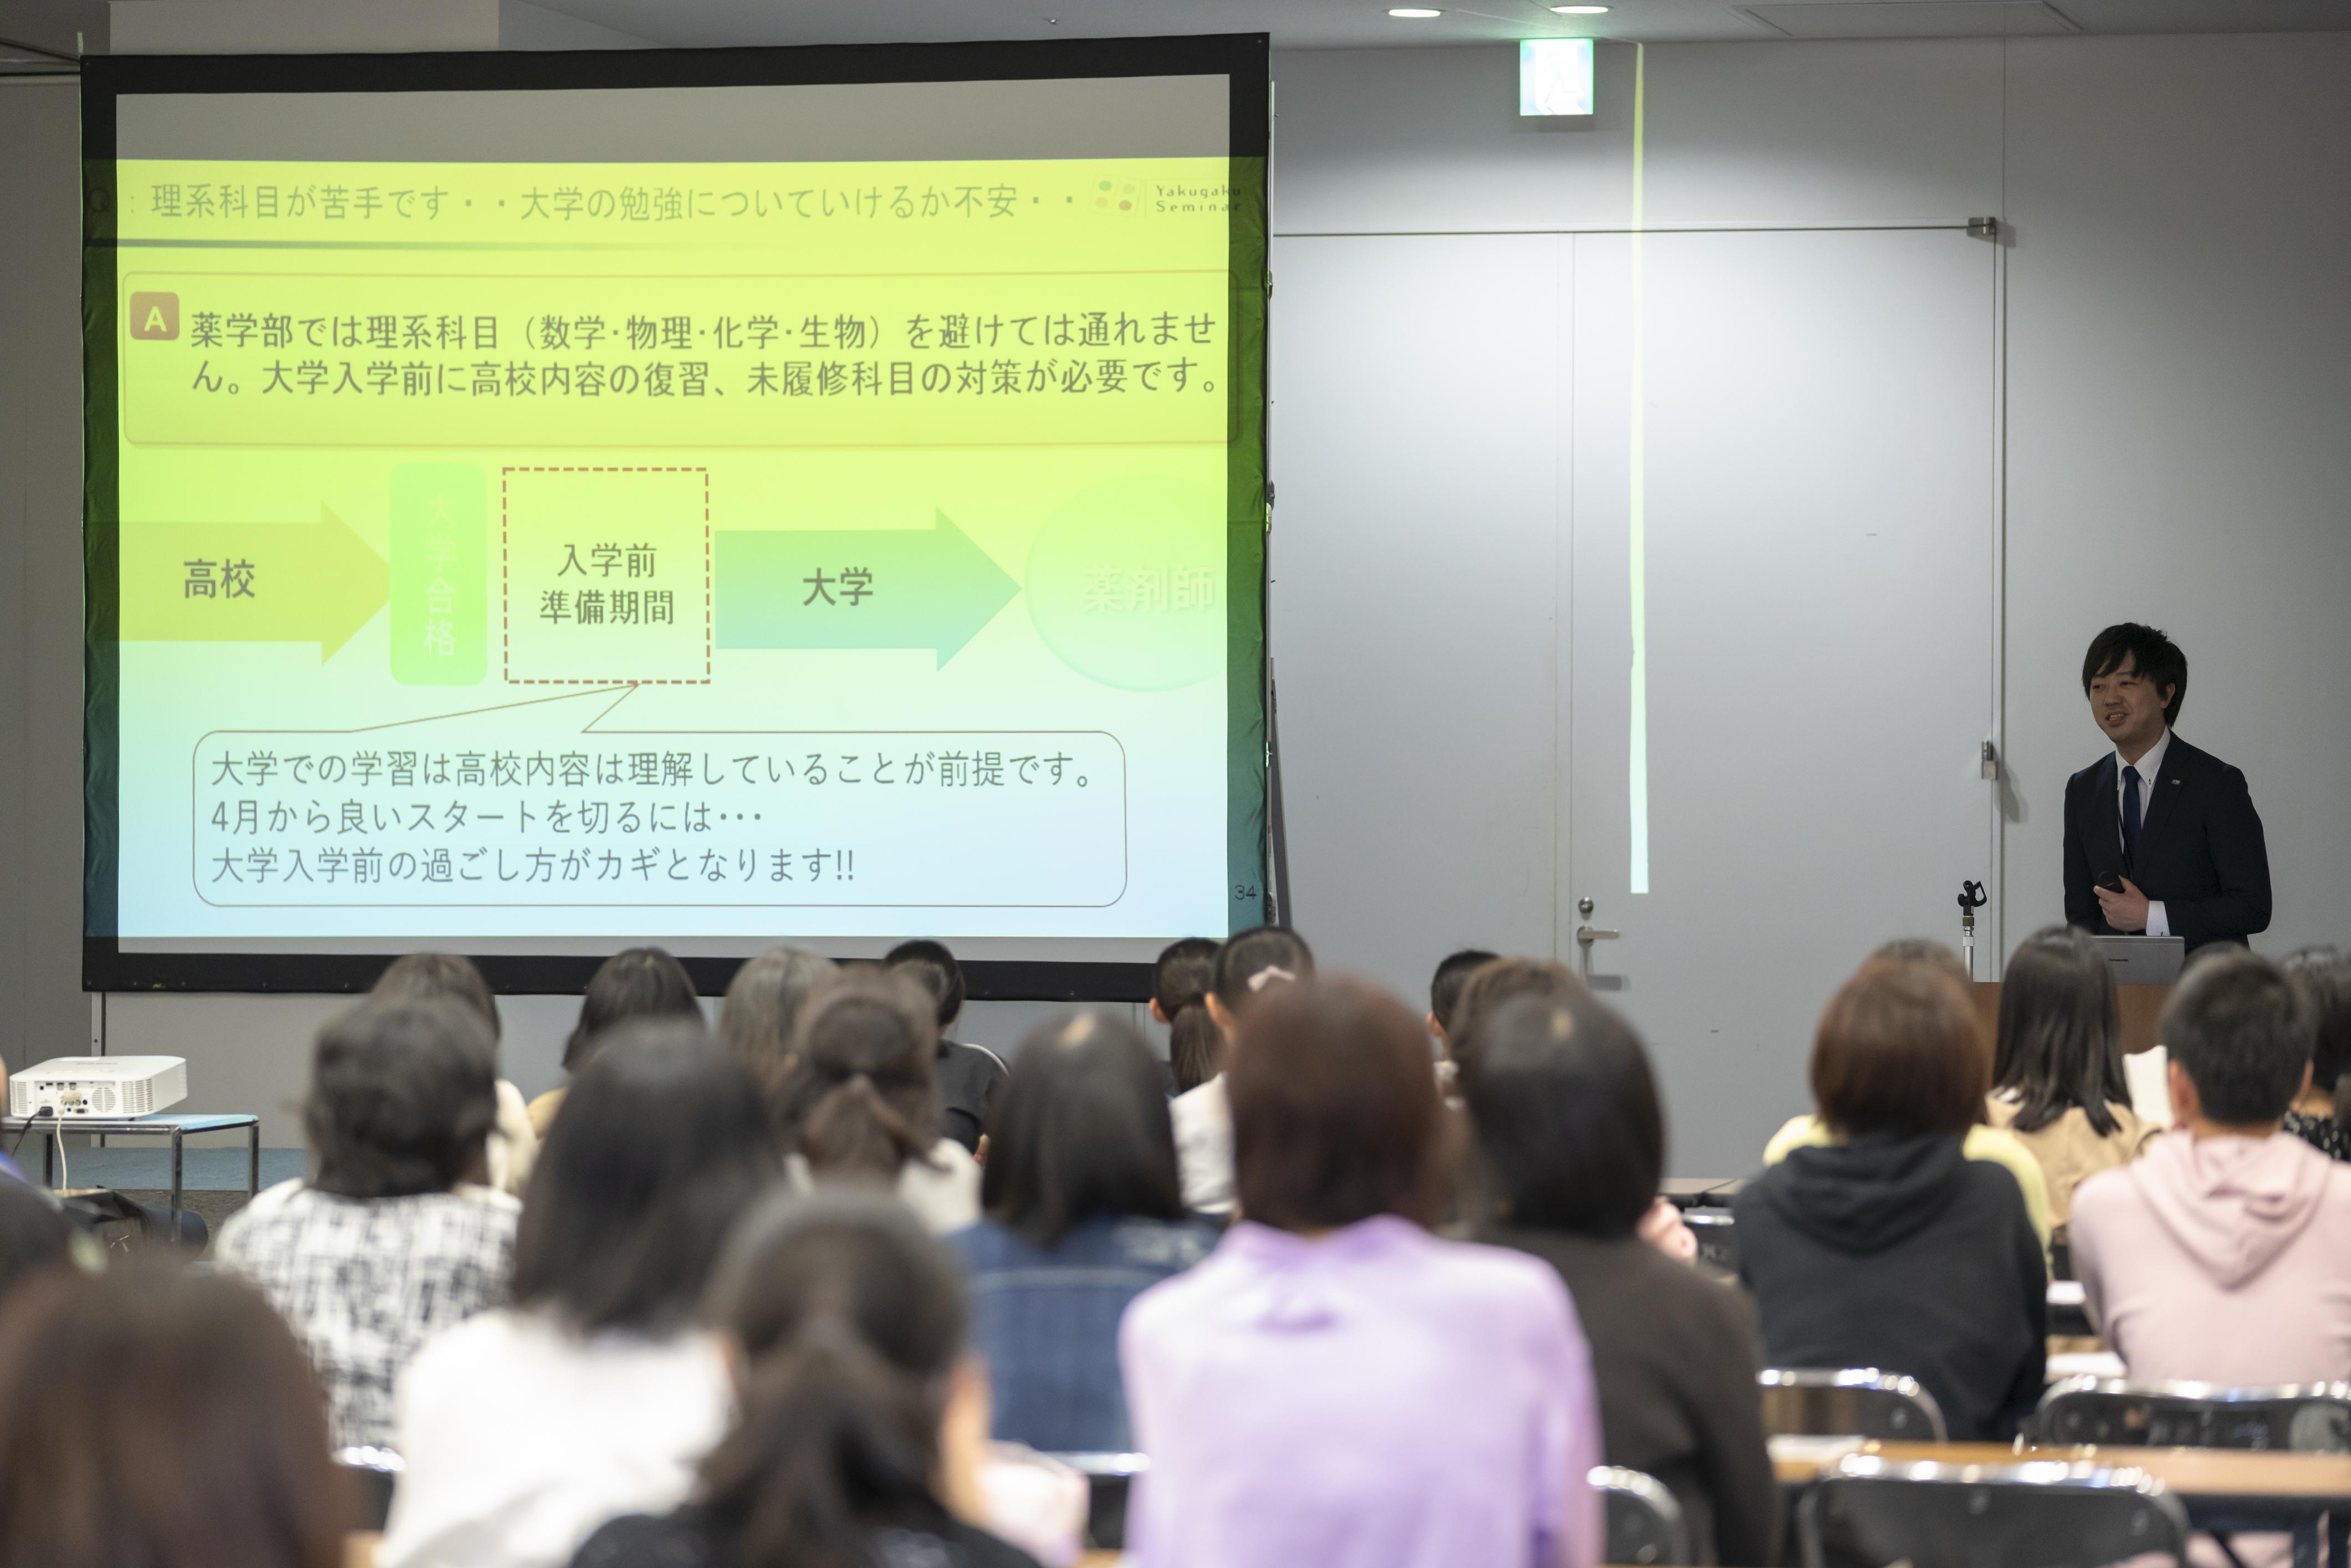 薬学部進学フェア2020 田島講師